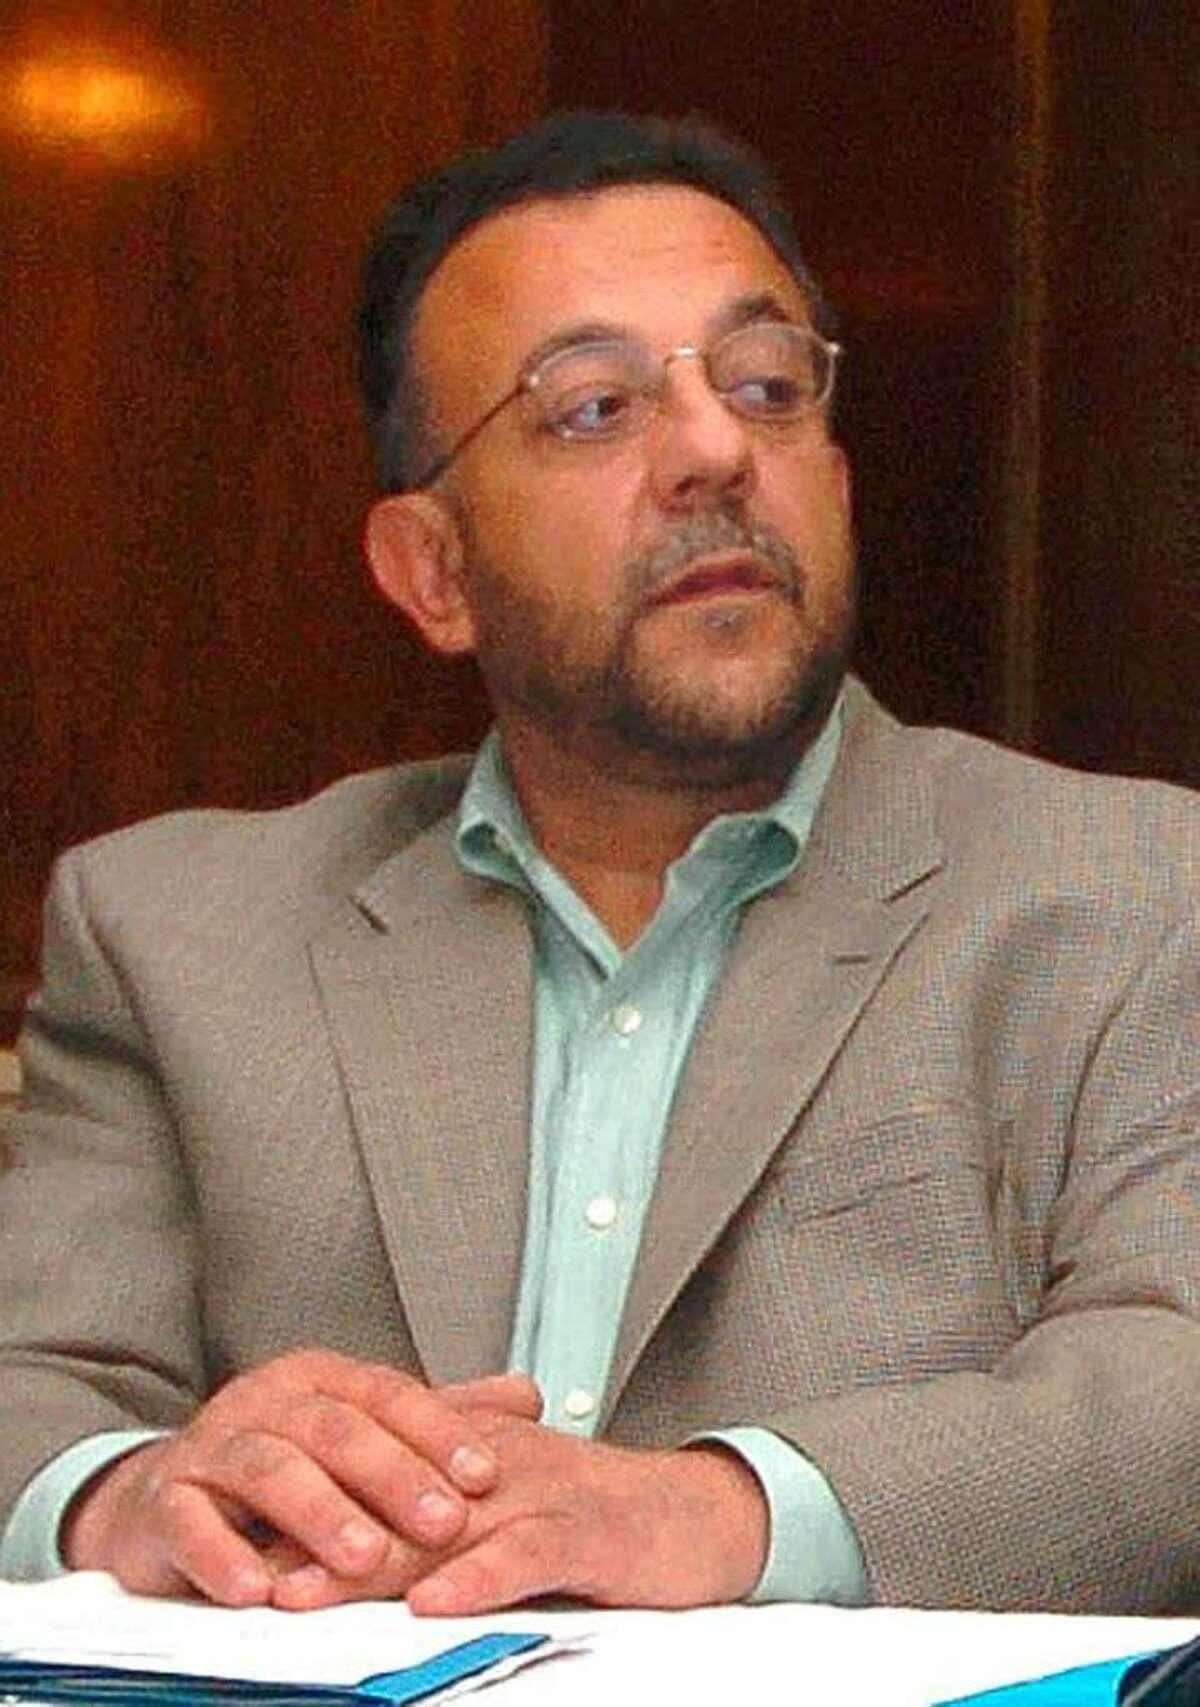 Joseph DaSilva Jr., 2008 file photo